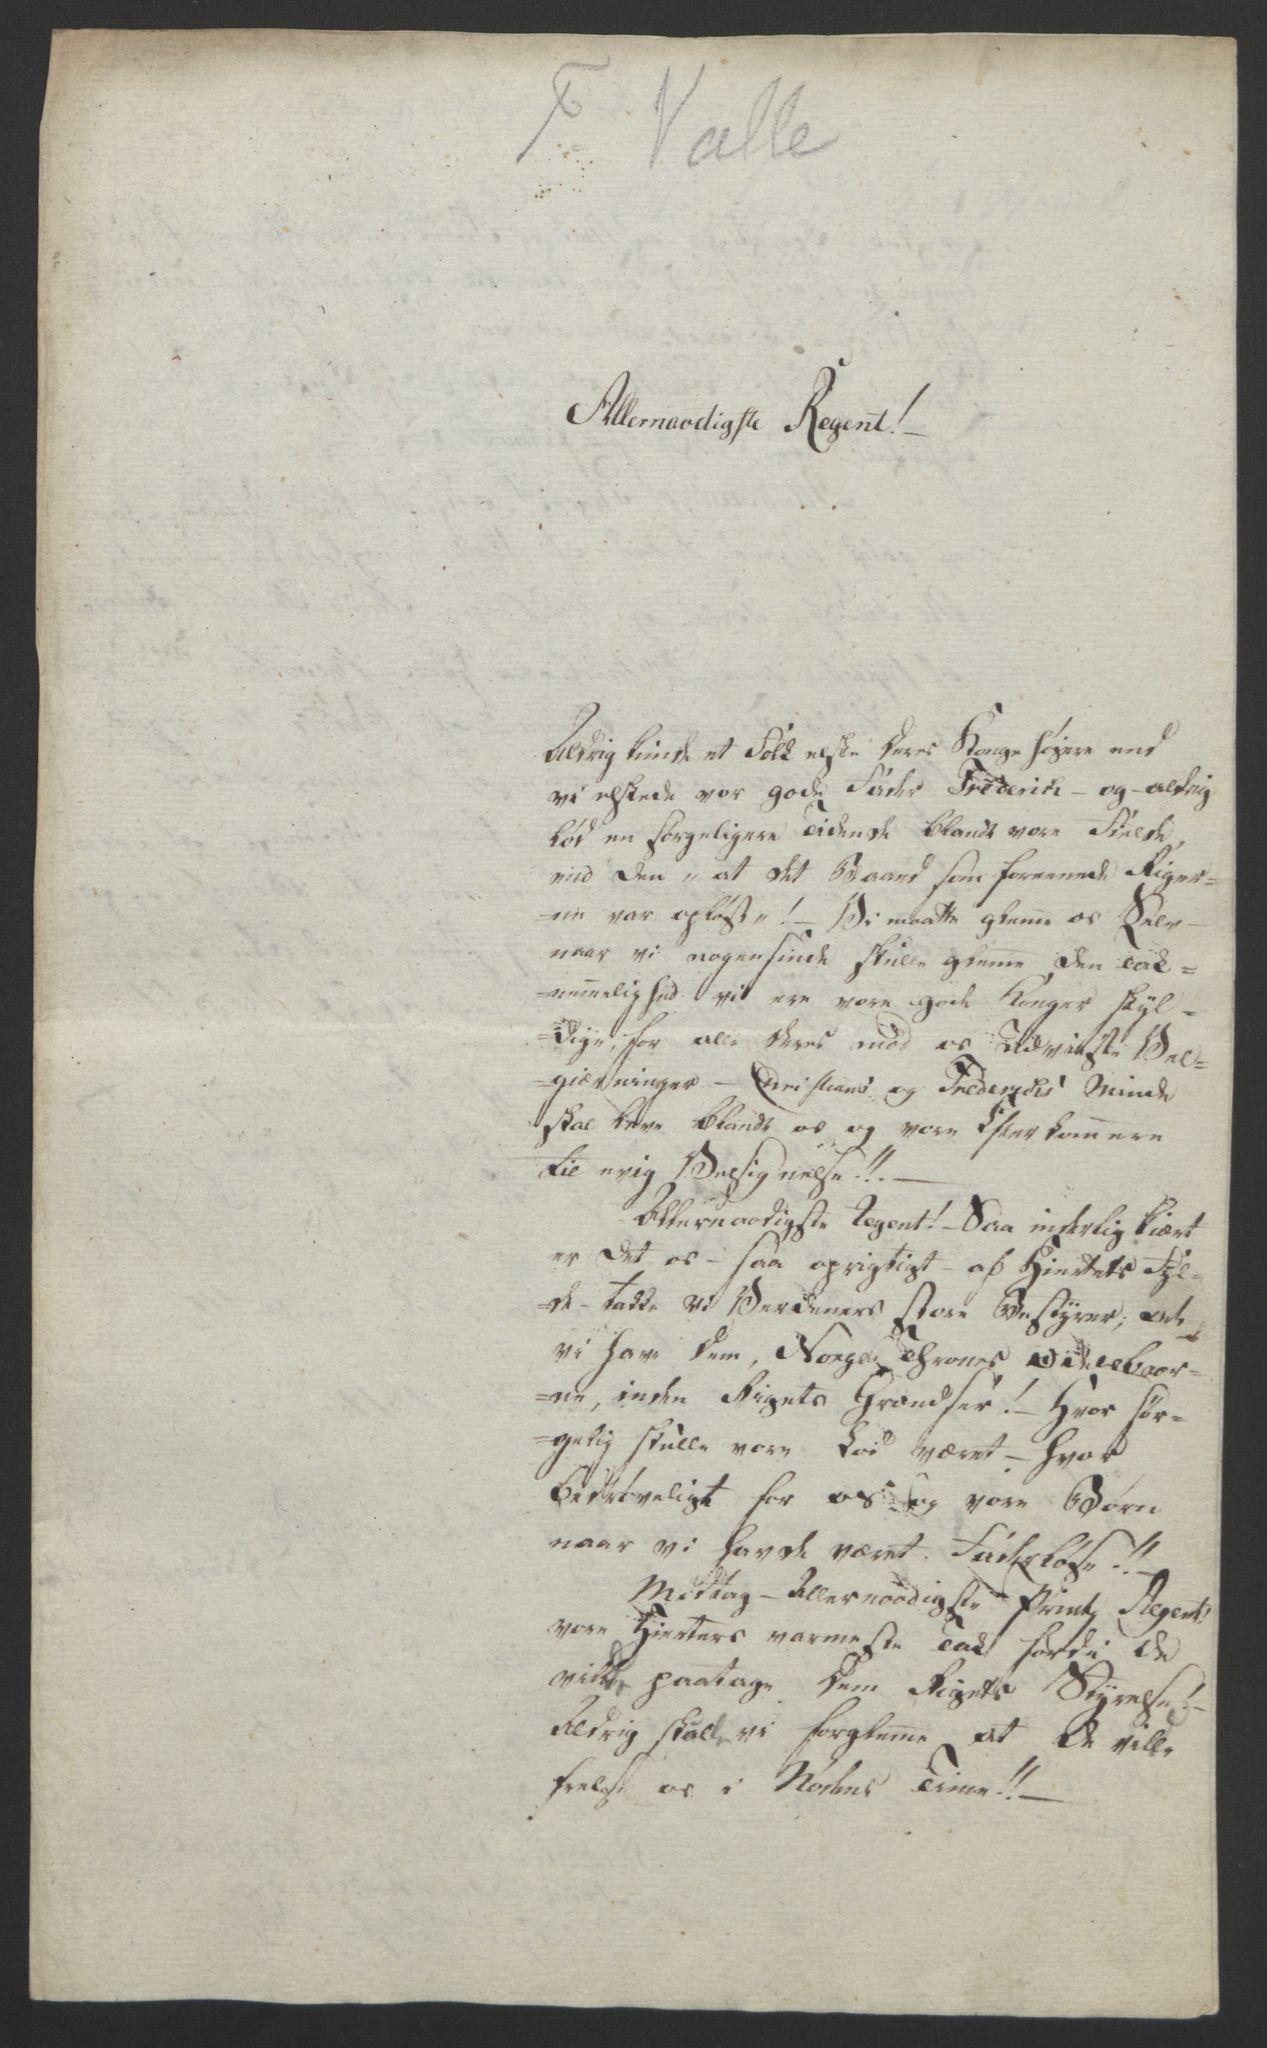 RA, Statsrådssekretariatet, D/Db/L0008: Fullmakter for Eidsvollsrepresentantene i 1814. , 1814, s. 117